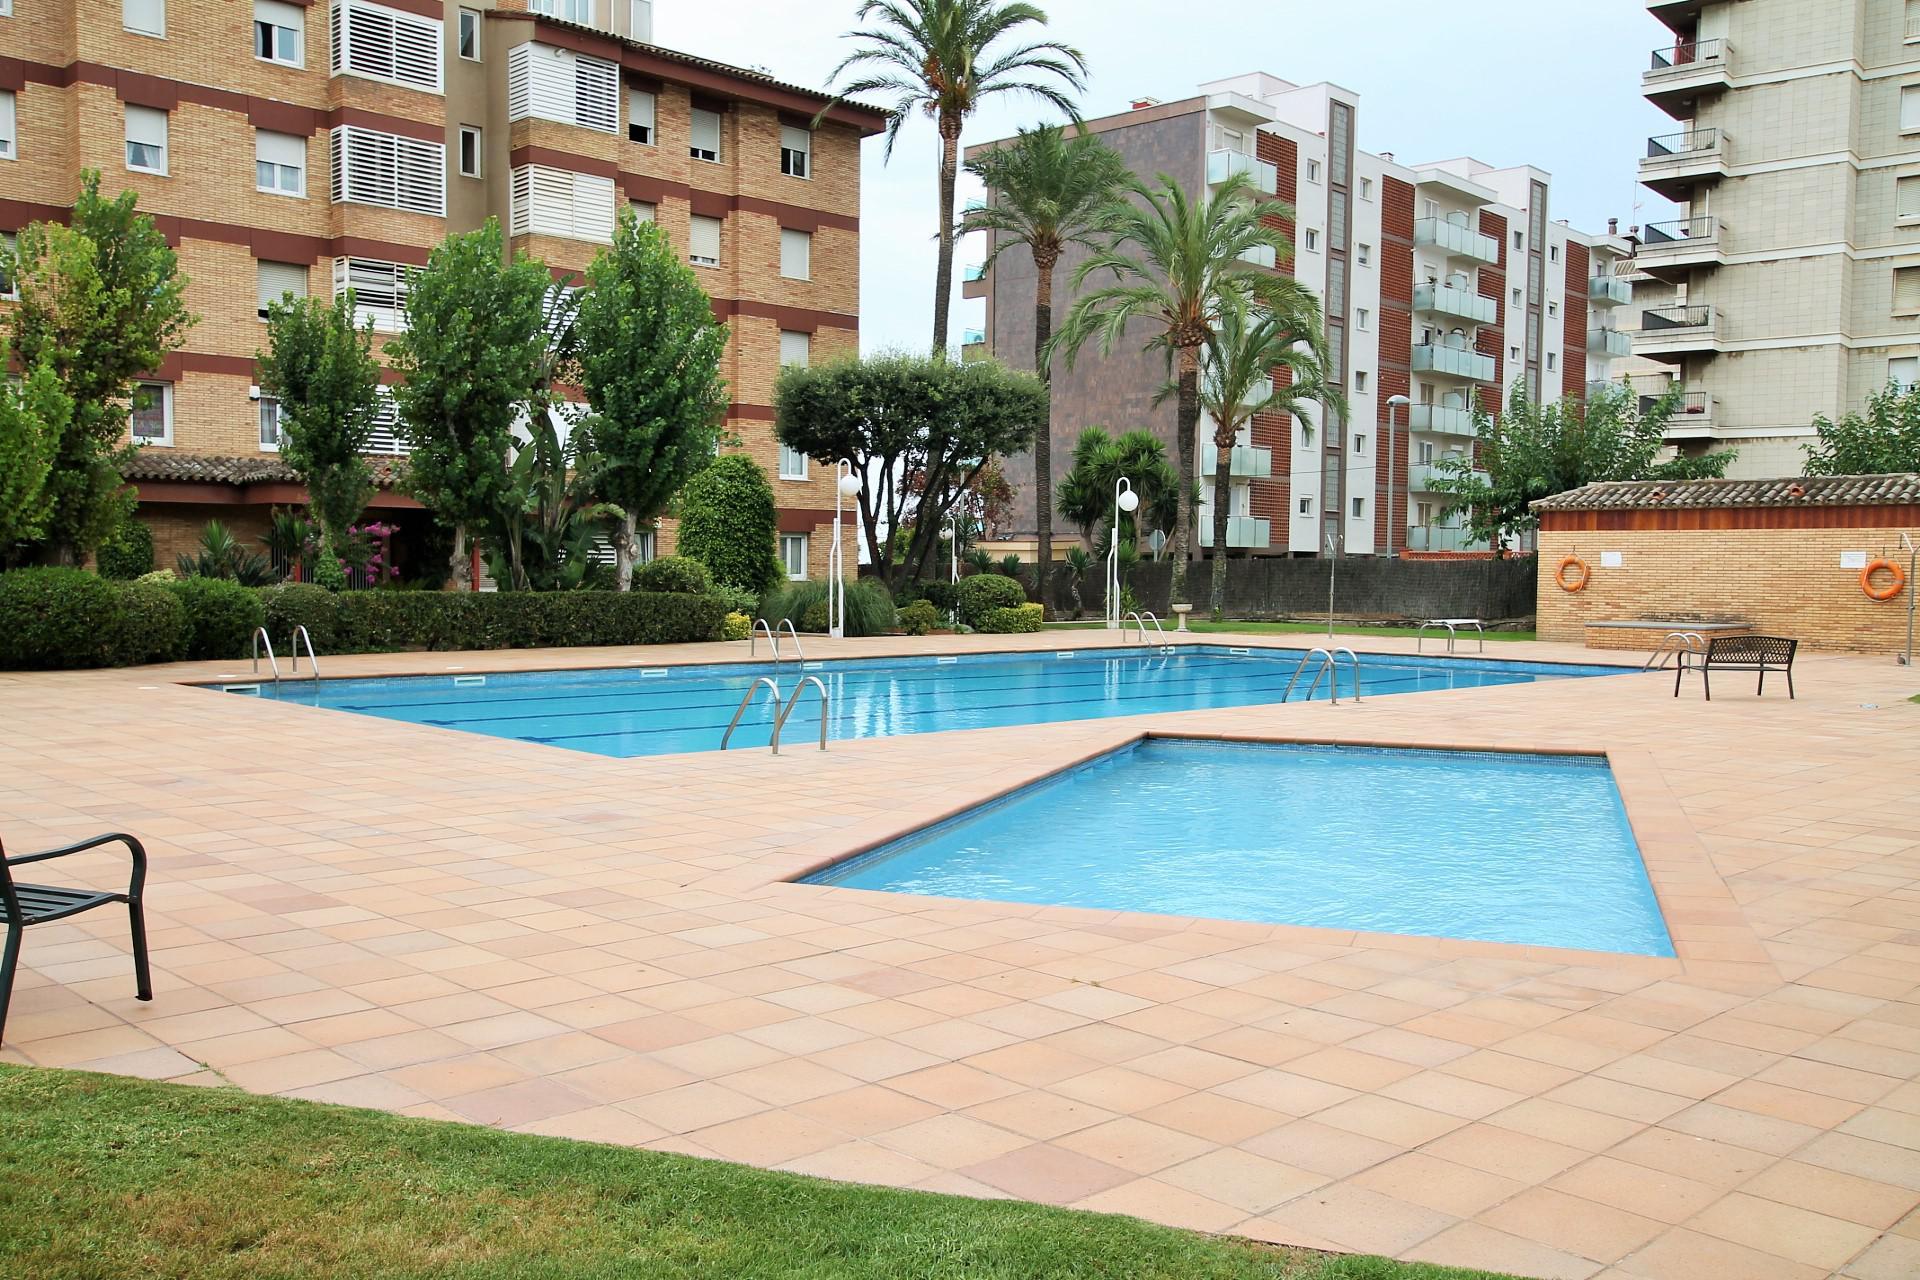 Piso vm veral d ocata vilassar de mar barcelona 173068 for Pisos en vilassar de mar